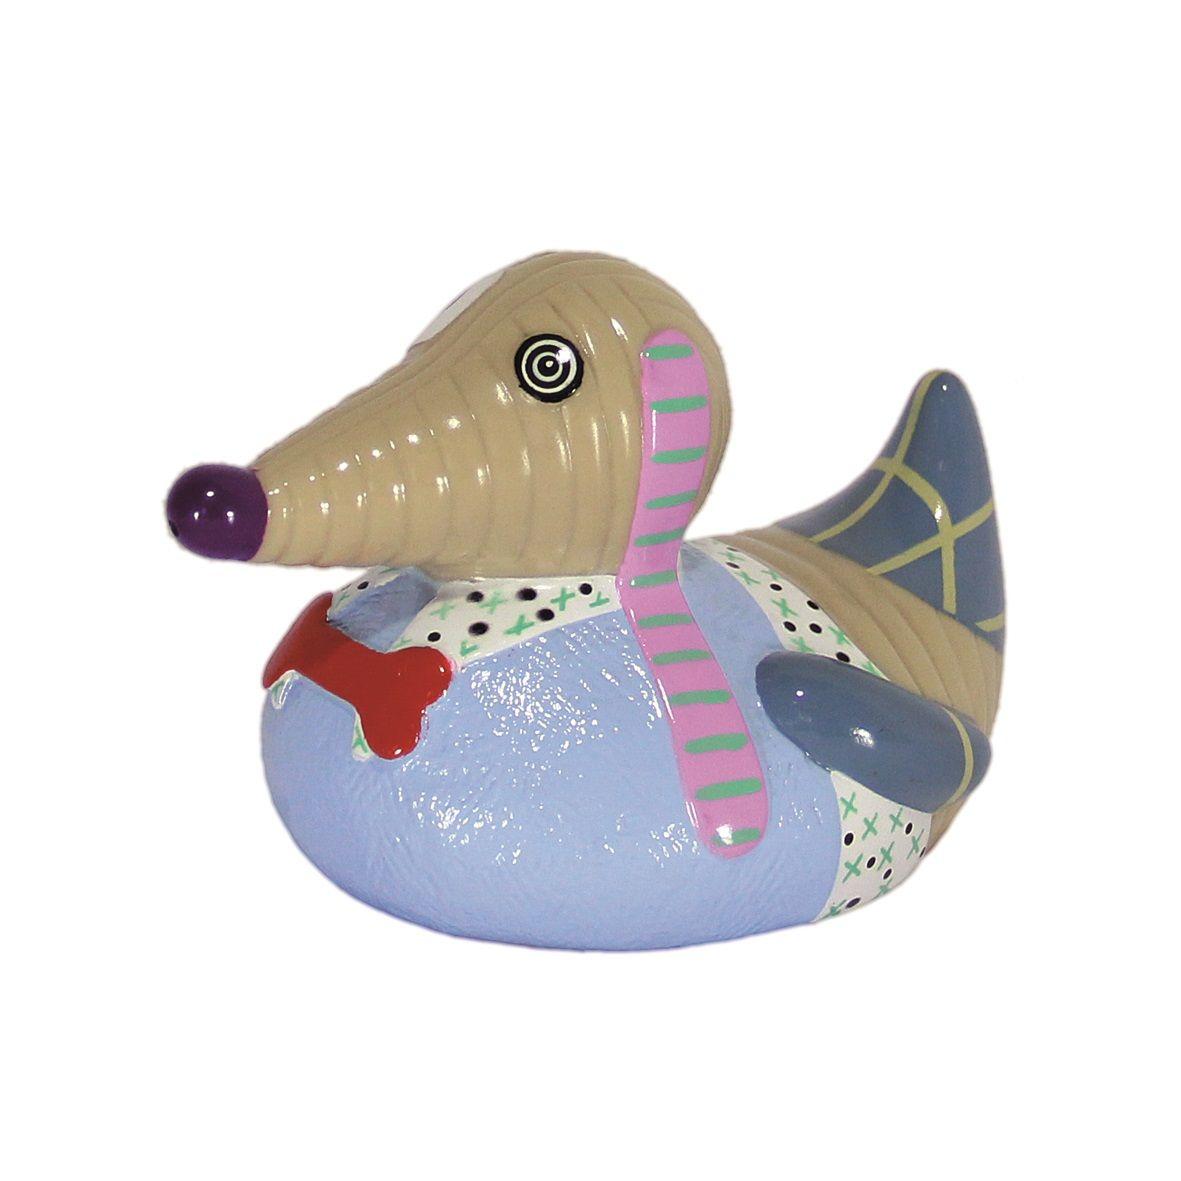 Pato de Banho Nonos, o Cachorro - Les Deglingos